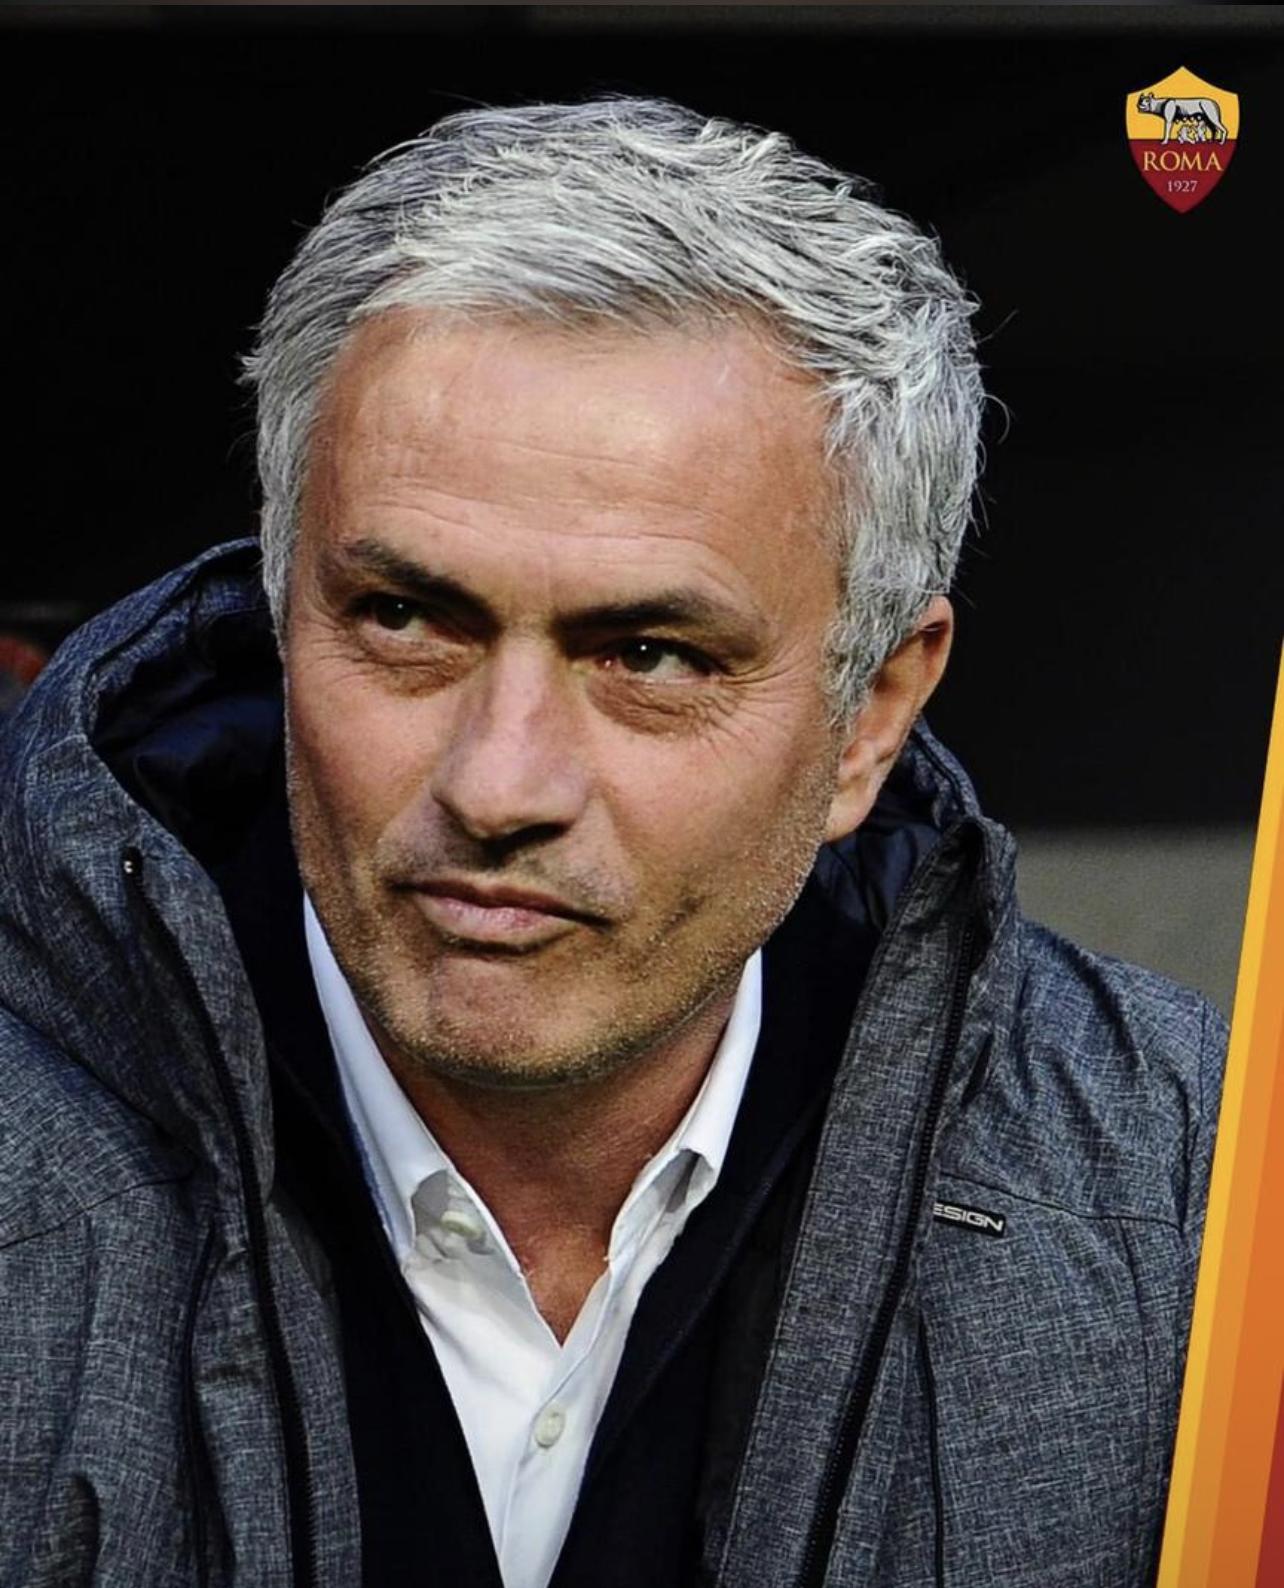 Séria : José Mourinho est le nouvel entraîneur de l'AS Roma, pour la saison prochaine !